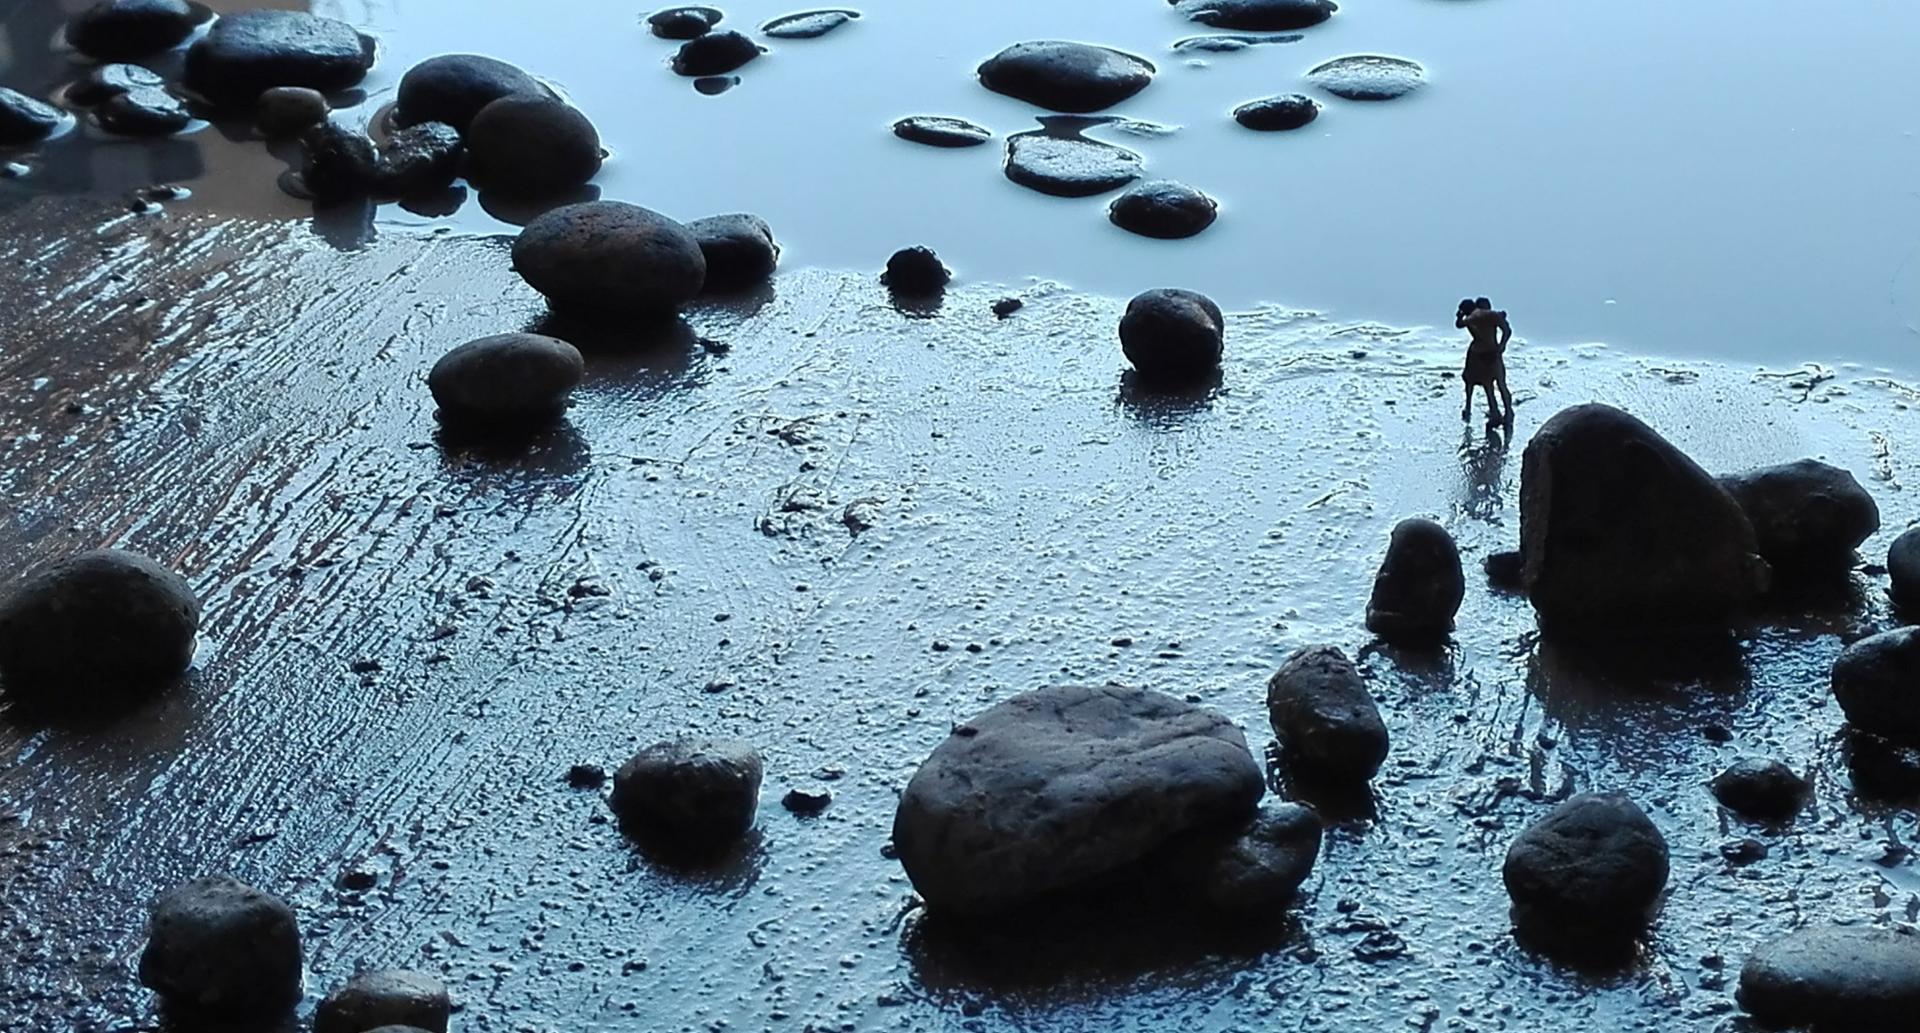 les rochers.jpg